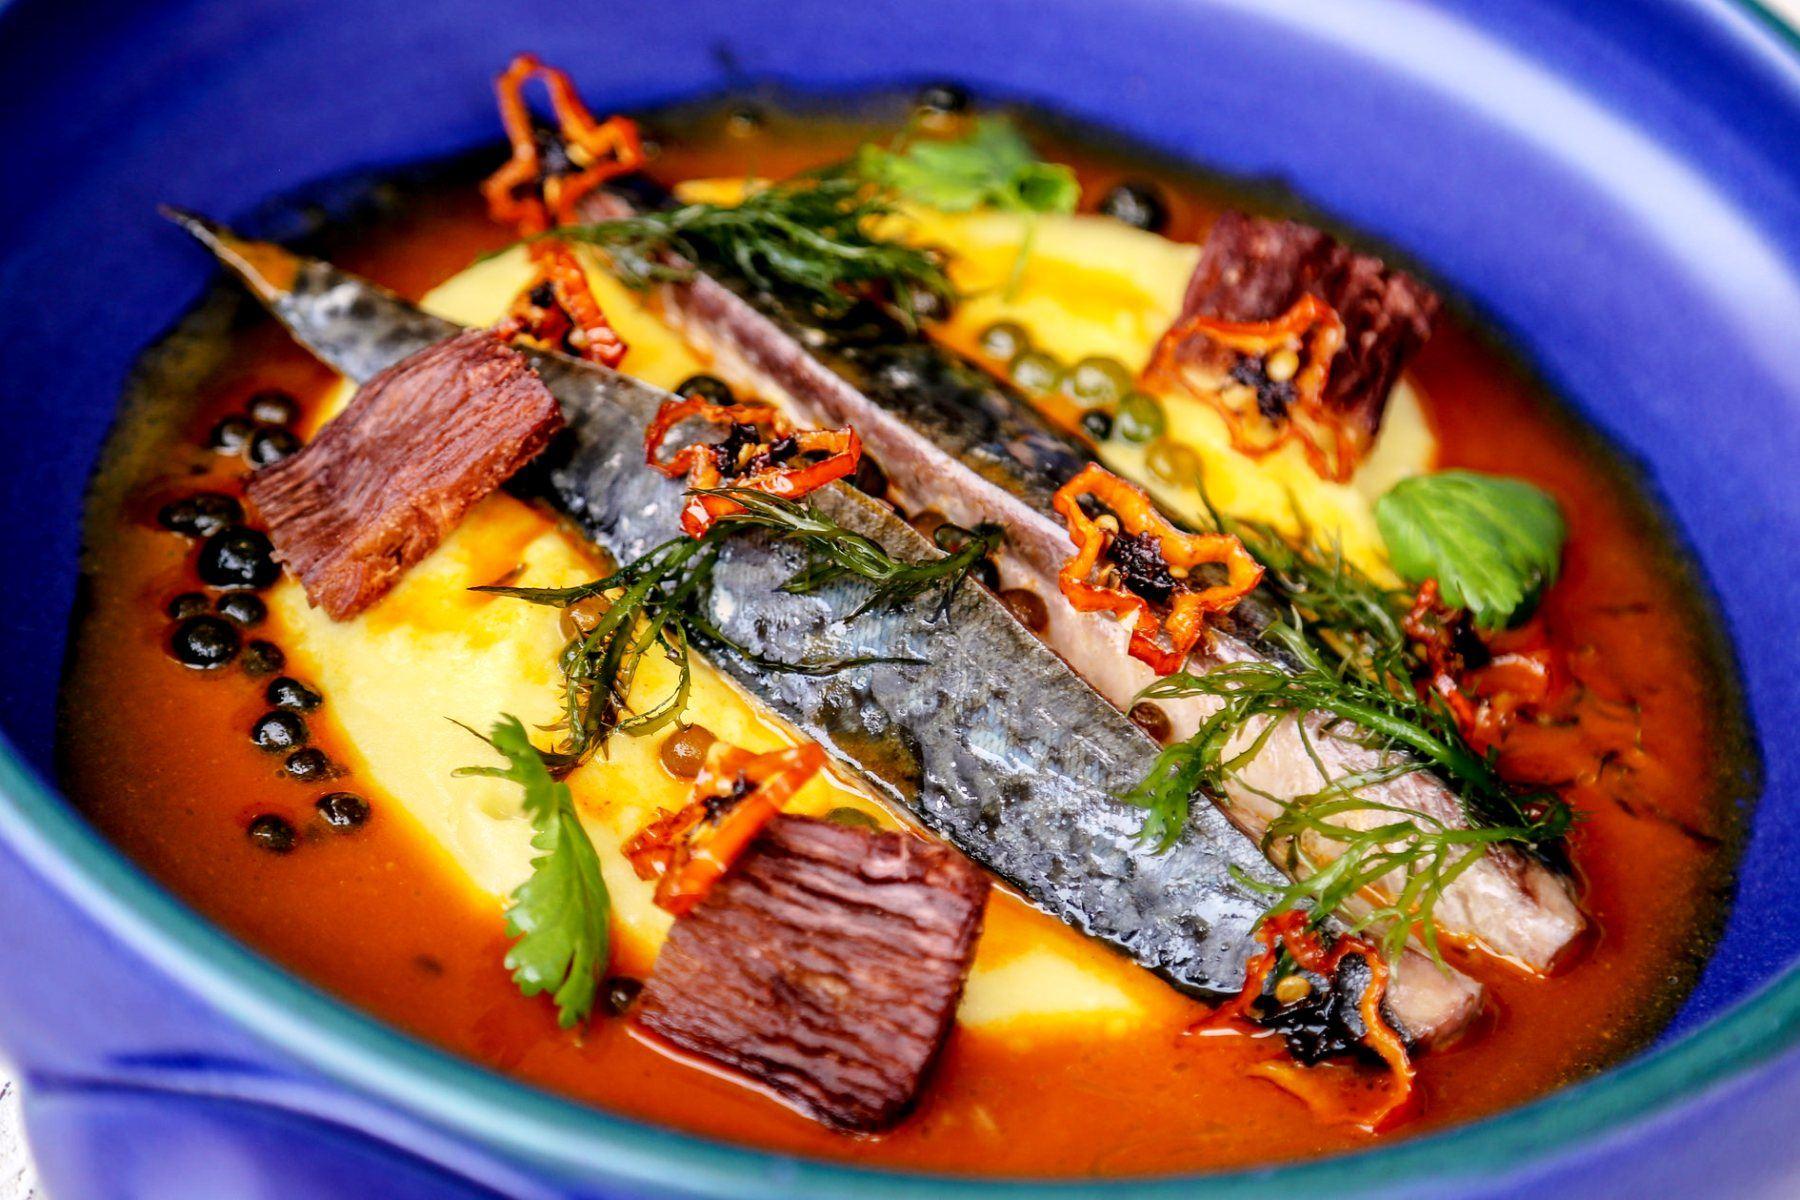 Pescados de carne oscura ayudan a cuidar el corazón. Foto: ANDINA/Difusión.